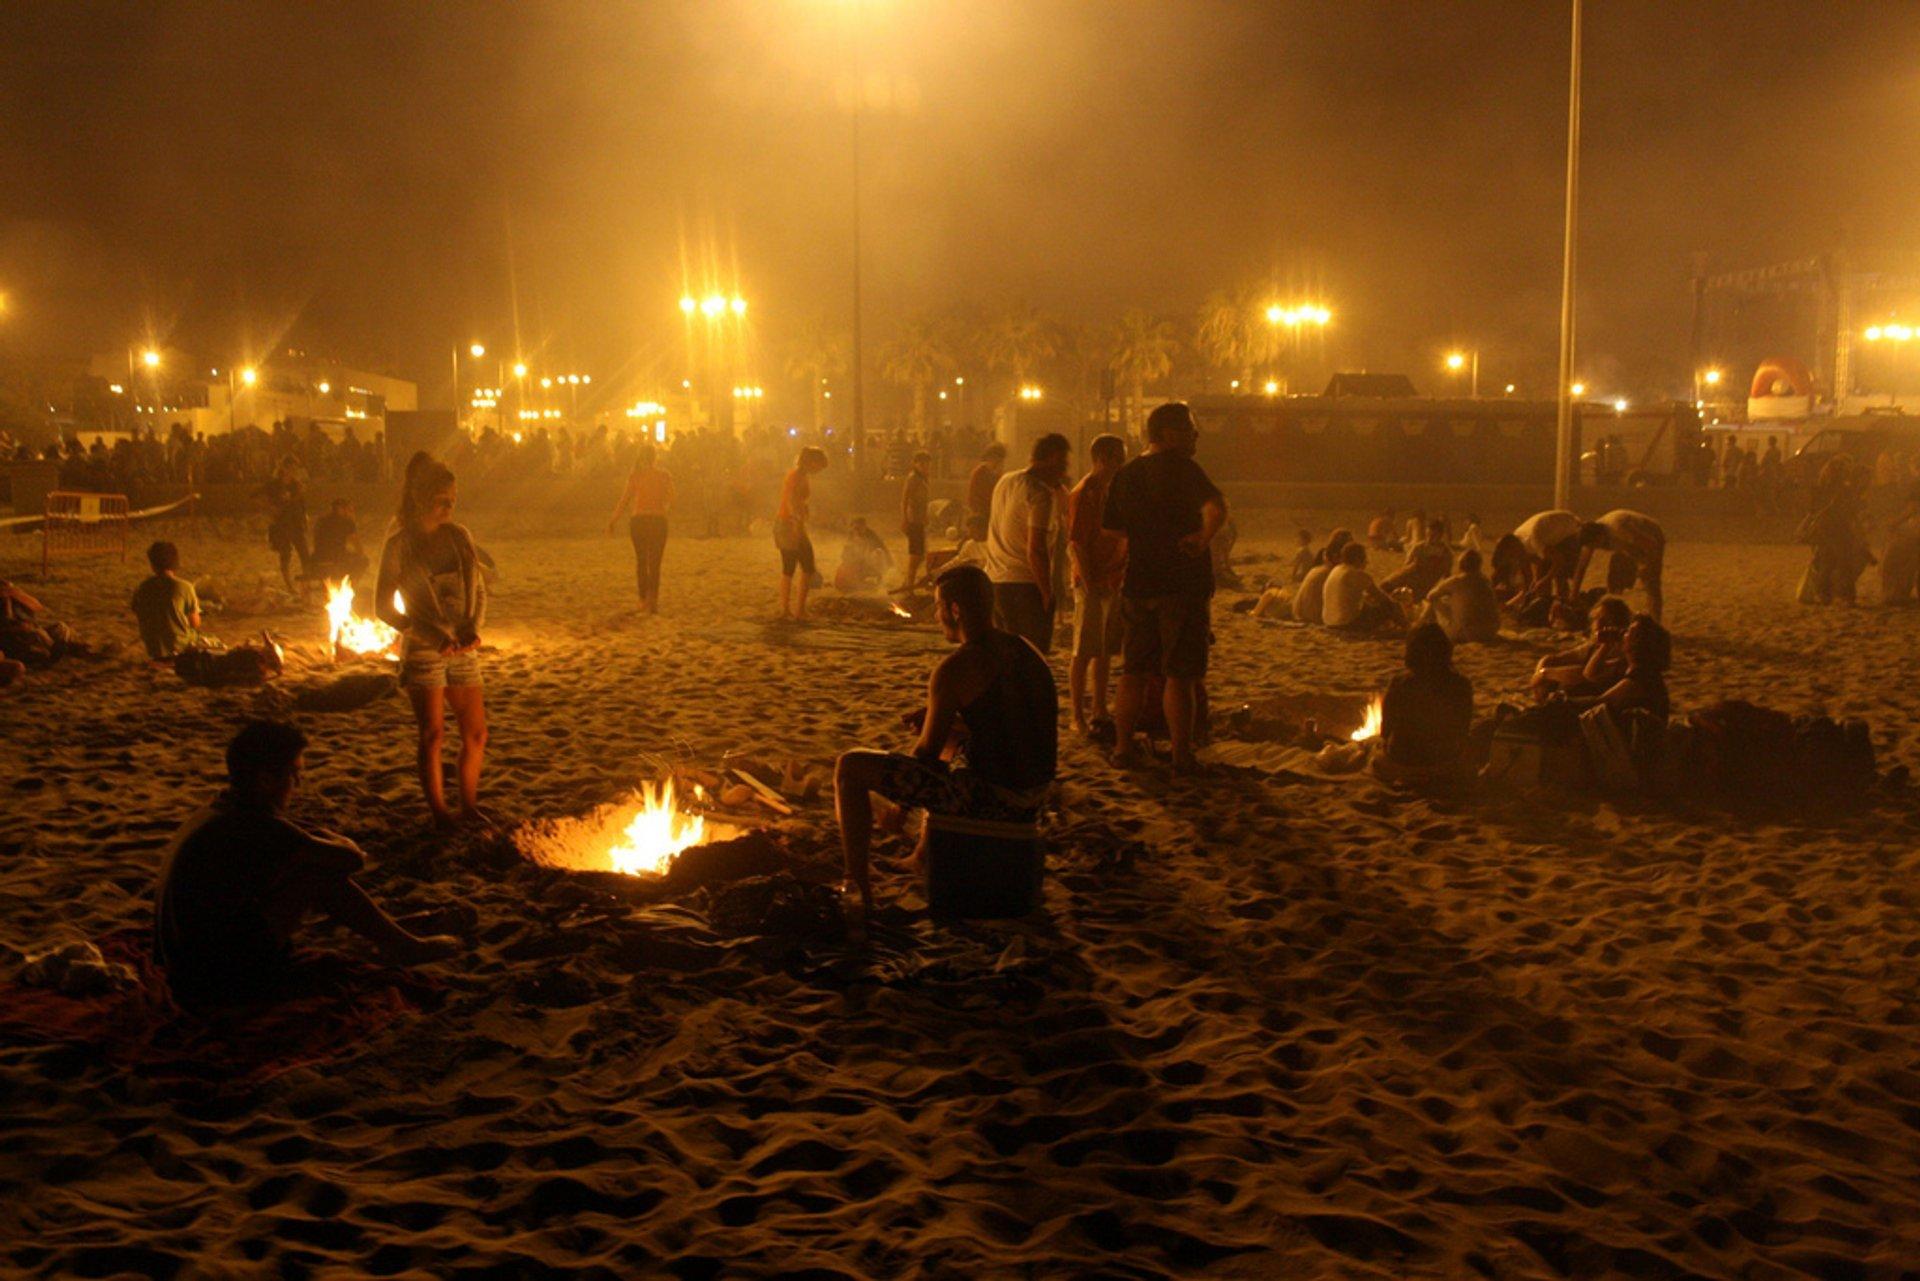 Noche de San Juan. Playa de las Arenas, Valencia. España 2019